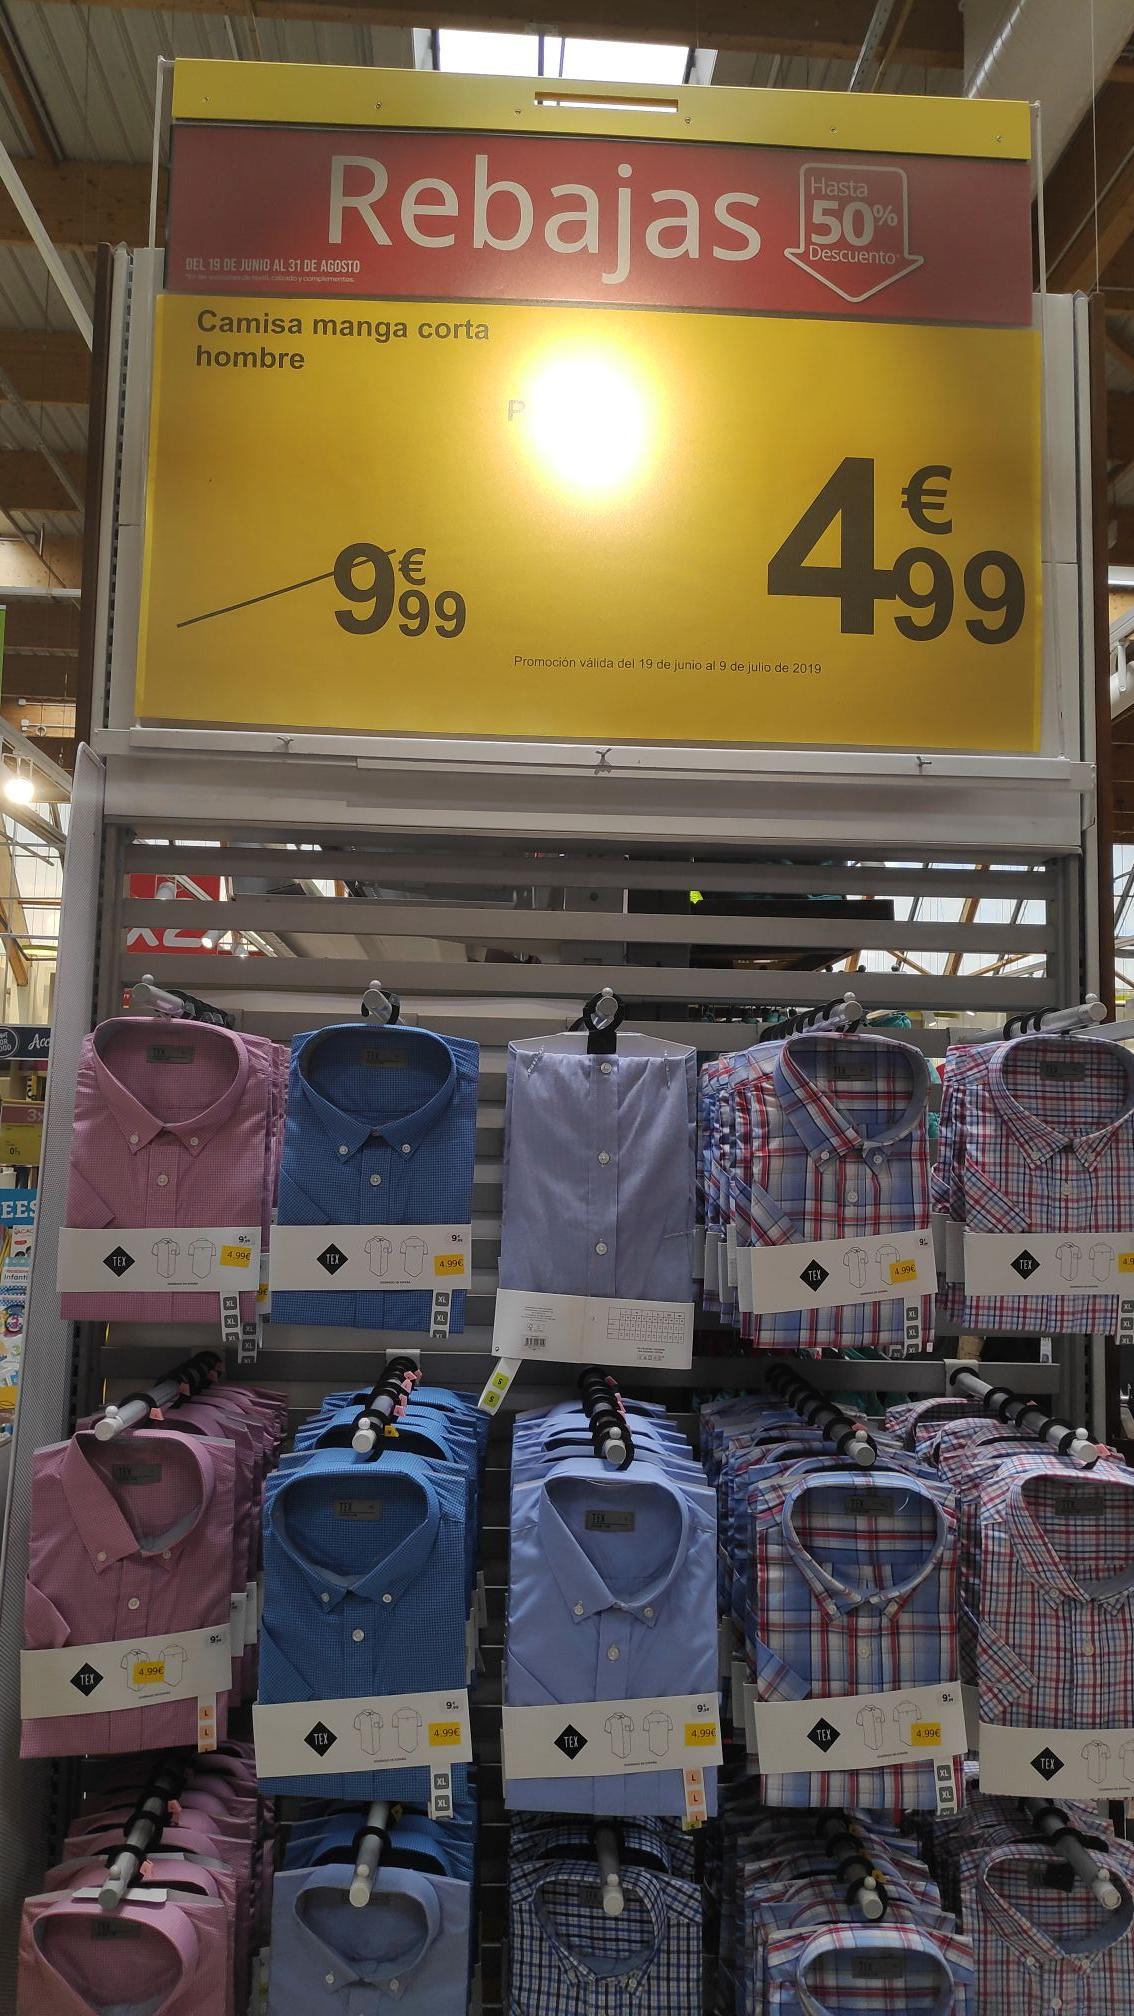 Camisas Carrefour hombre 50%